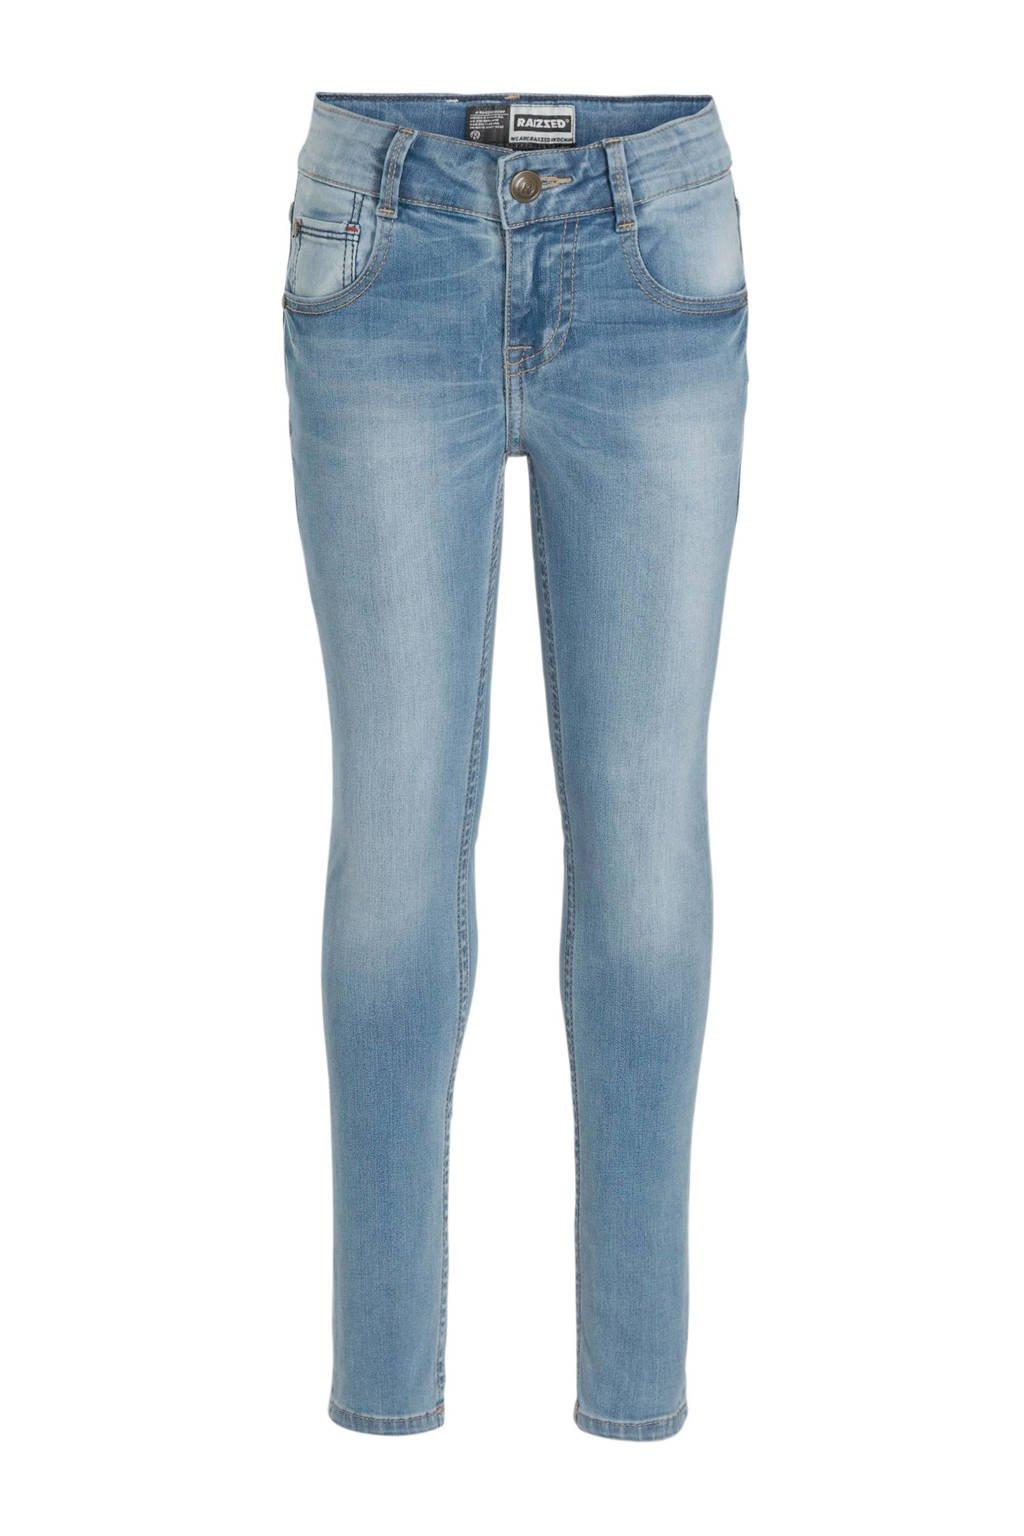 Raizzed skinny jeans Tokyo light denim, Light denim